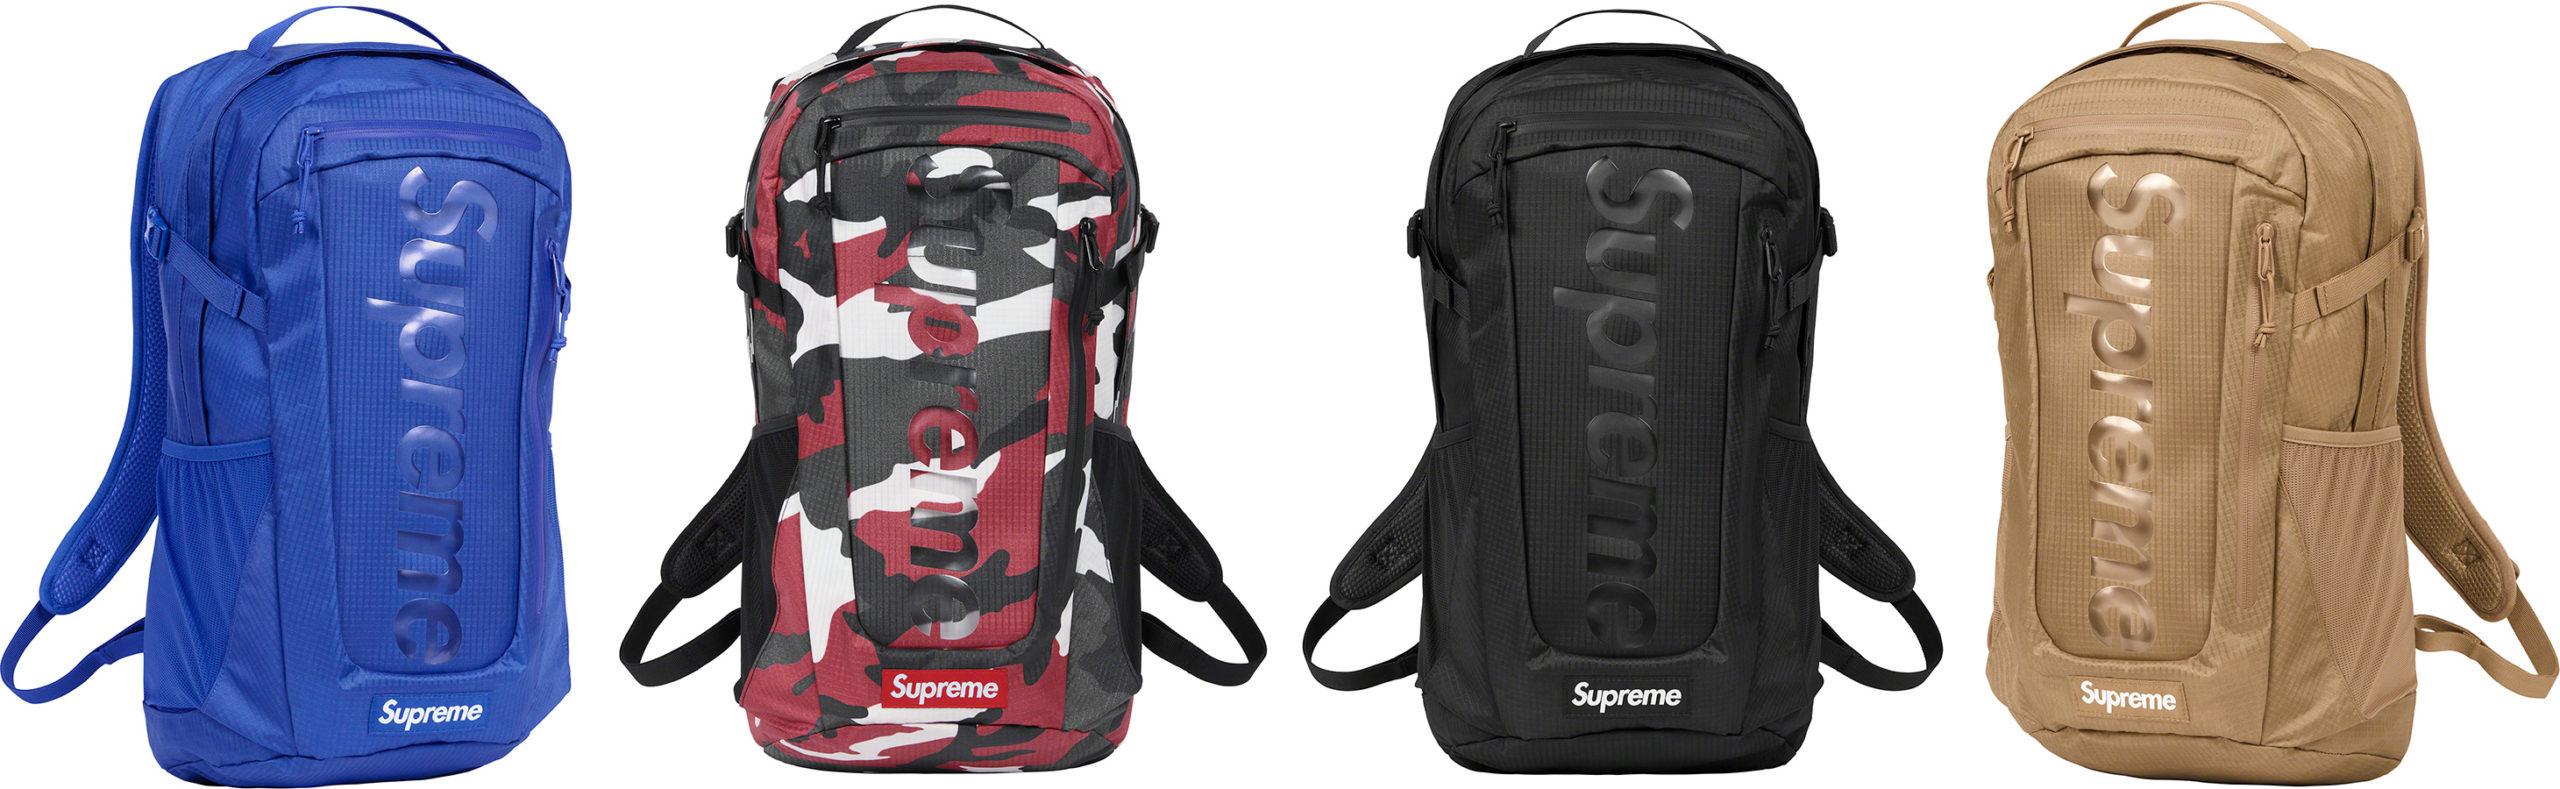 【バッグ/BAGS まとめ】 シュプリーム (SUPREME) 2021 SPRING/SUMMER コレクション (2021年 春夏)